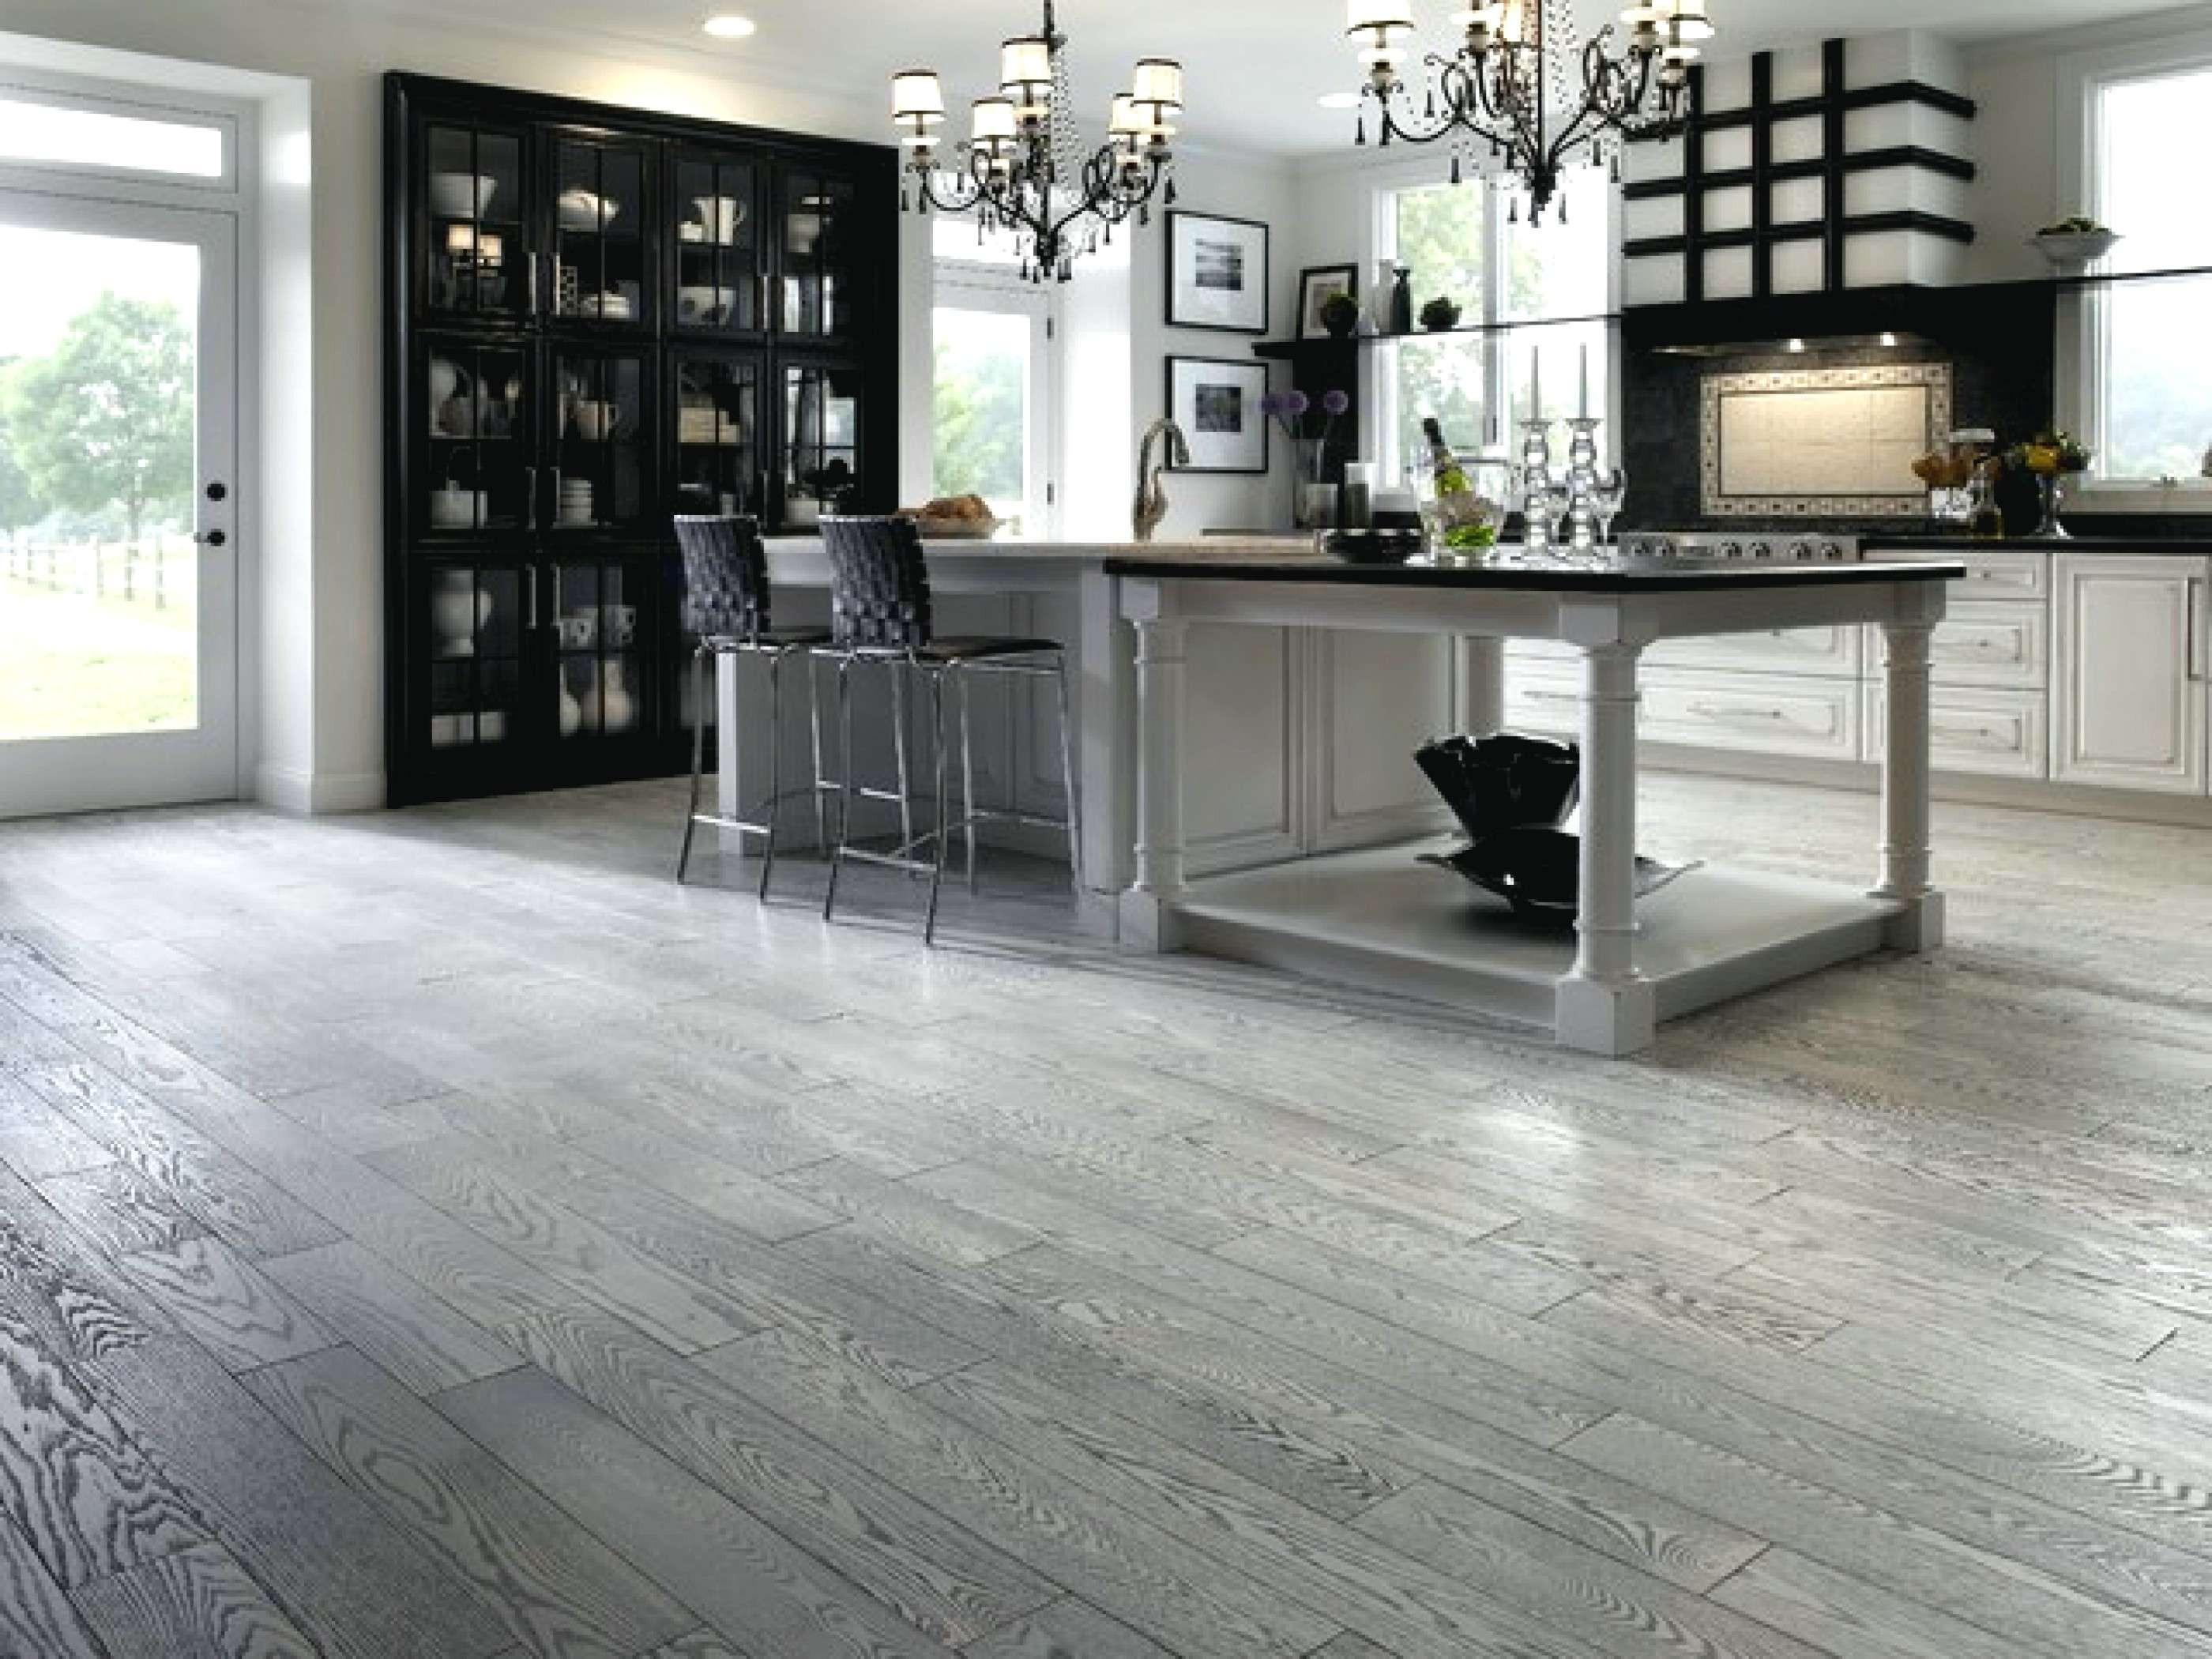 15 attractive Kitchen Ideas with Dark Hardwood Floors ... on